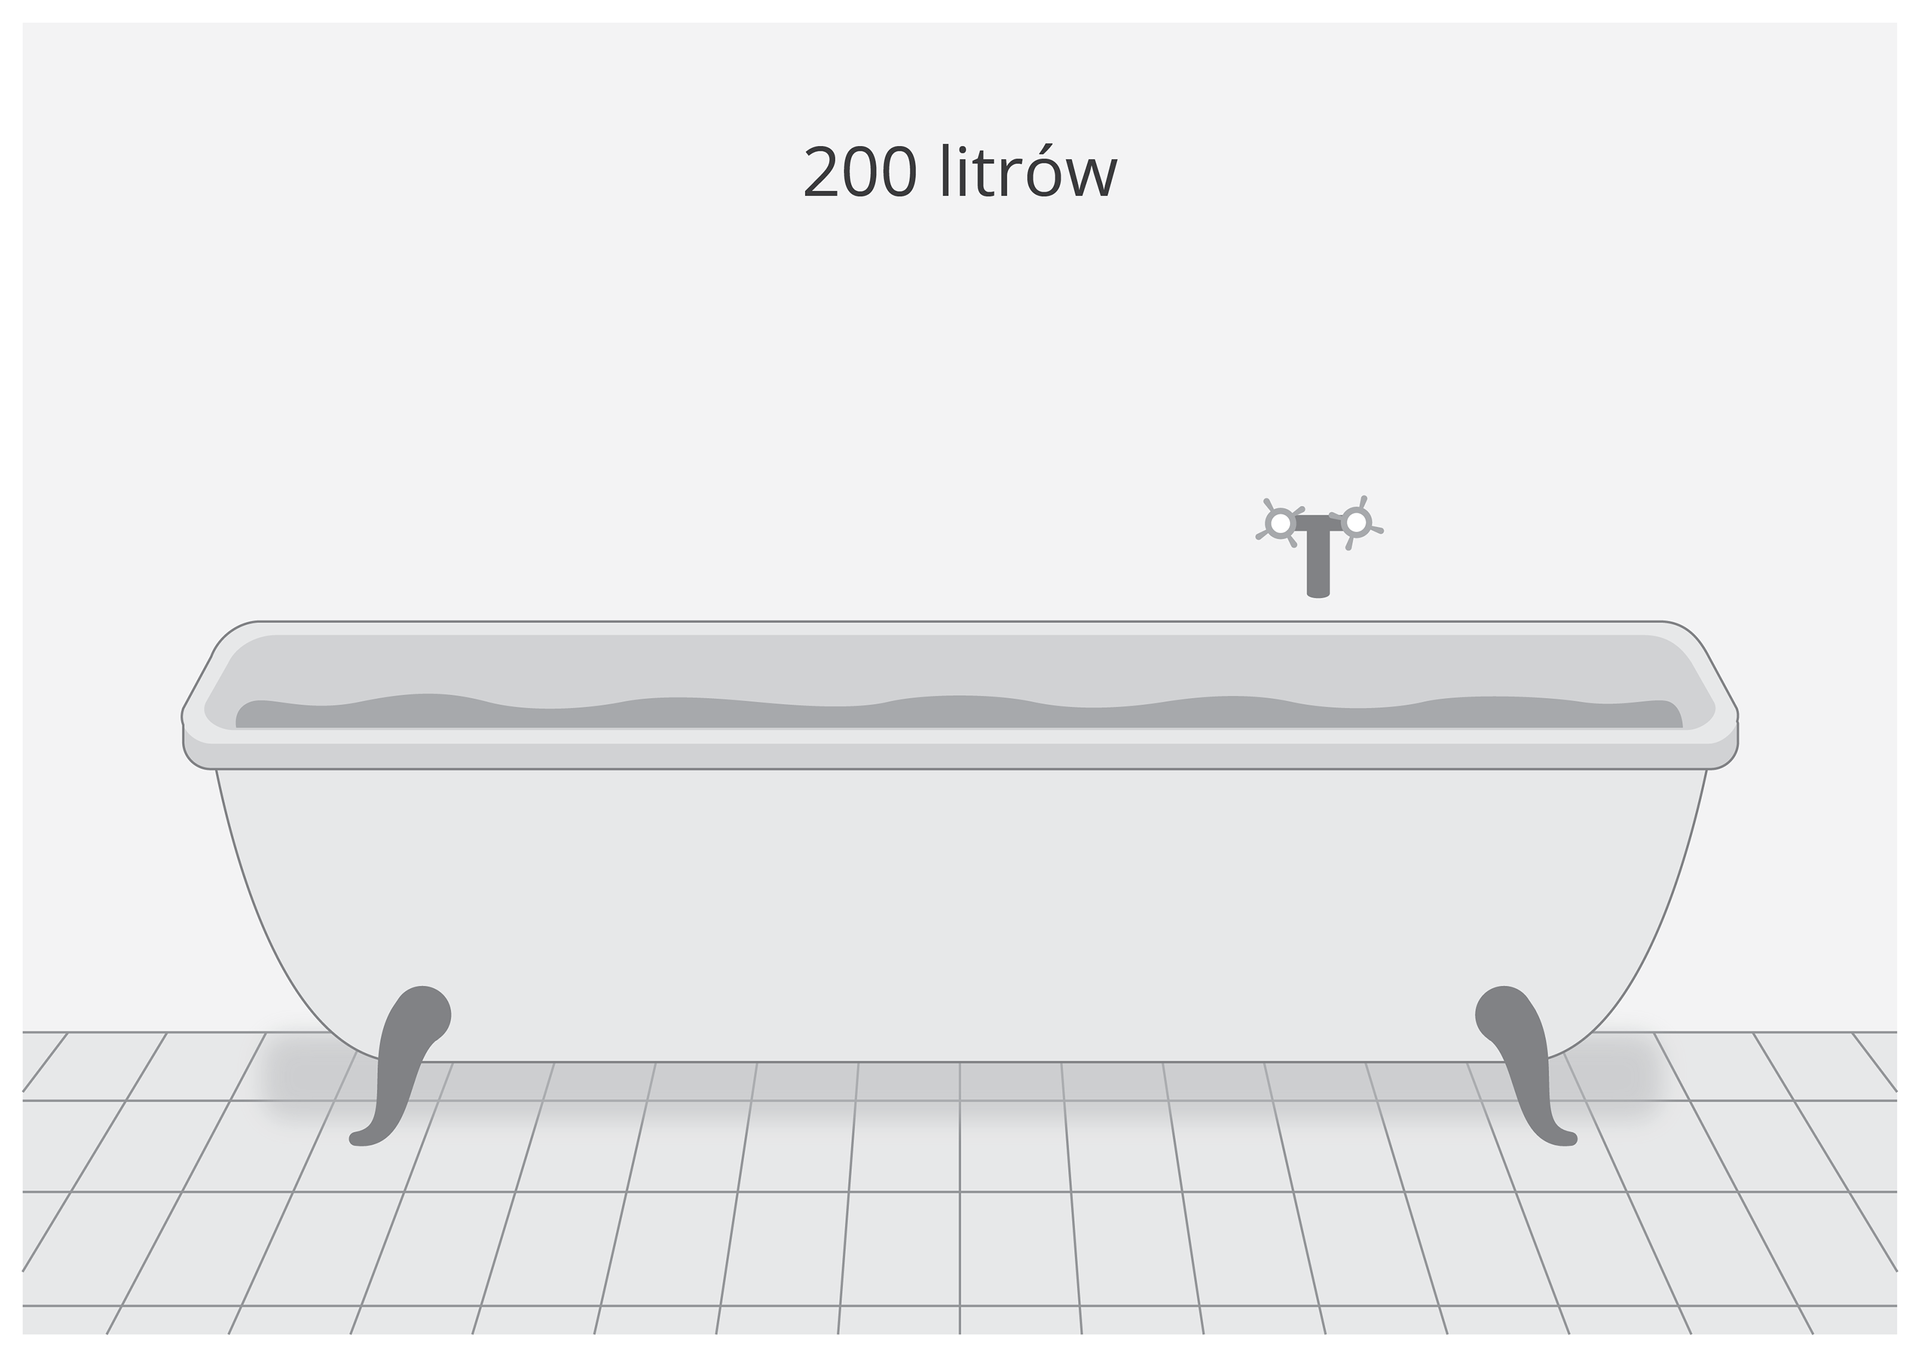 Pierwsza ilustracja wgalerii. Przedstawia czarno biały rysunek stojącej pod ścianą wanny napełnionej wodą. Nad wanną napis: 200 litrów.